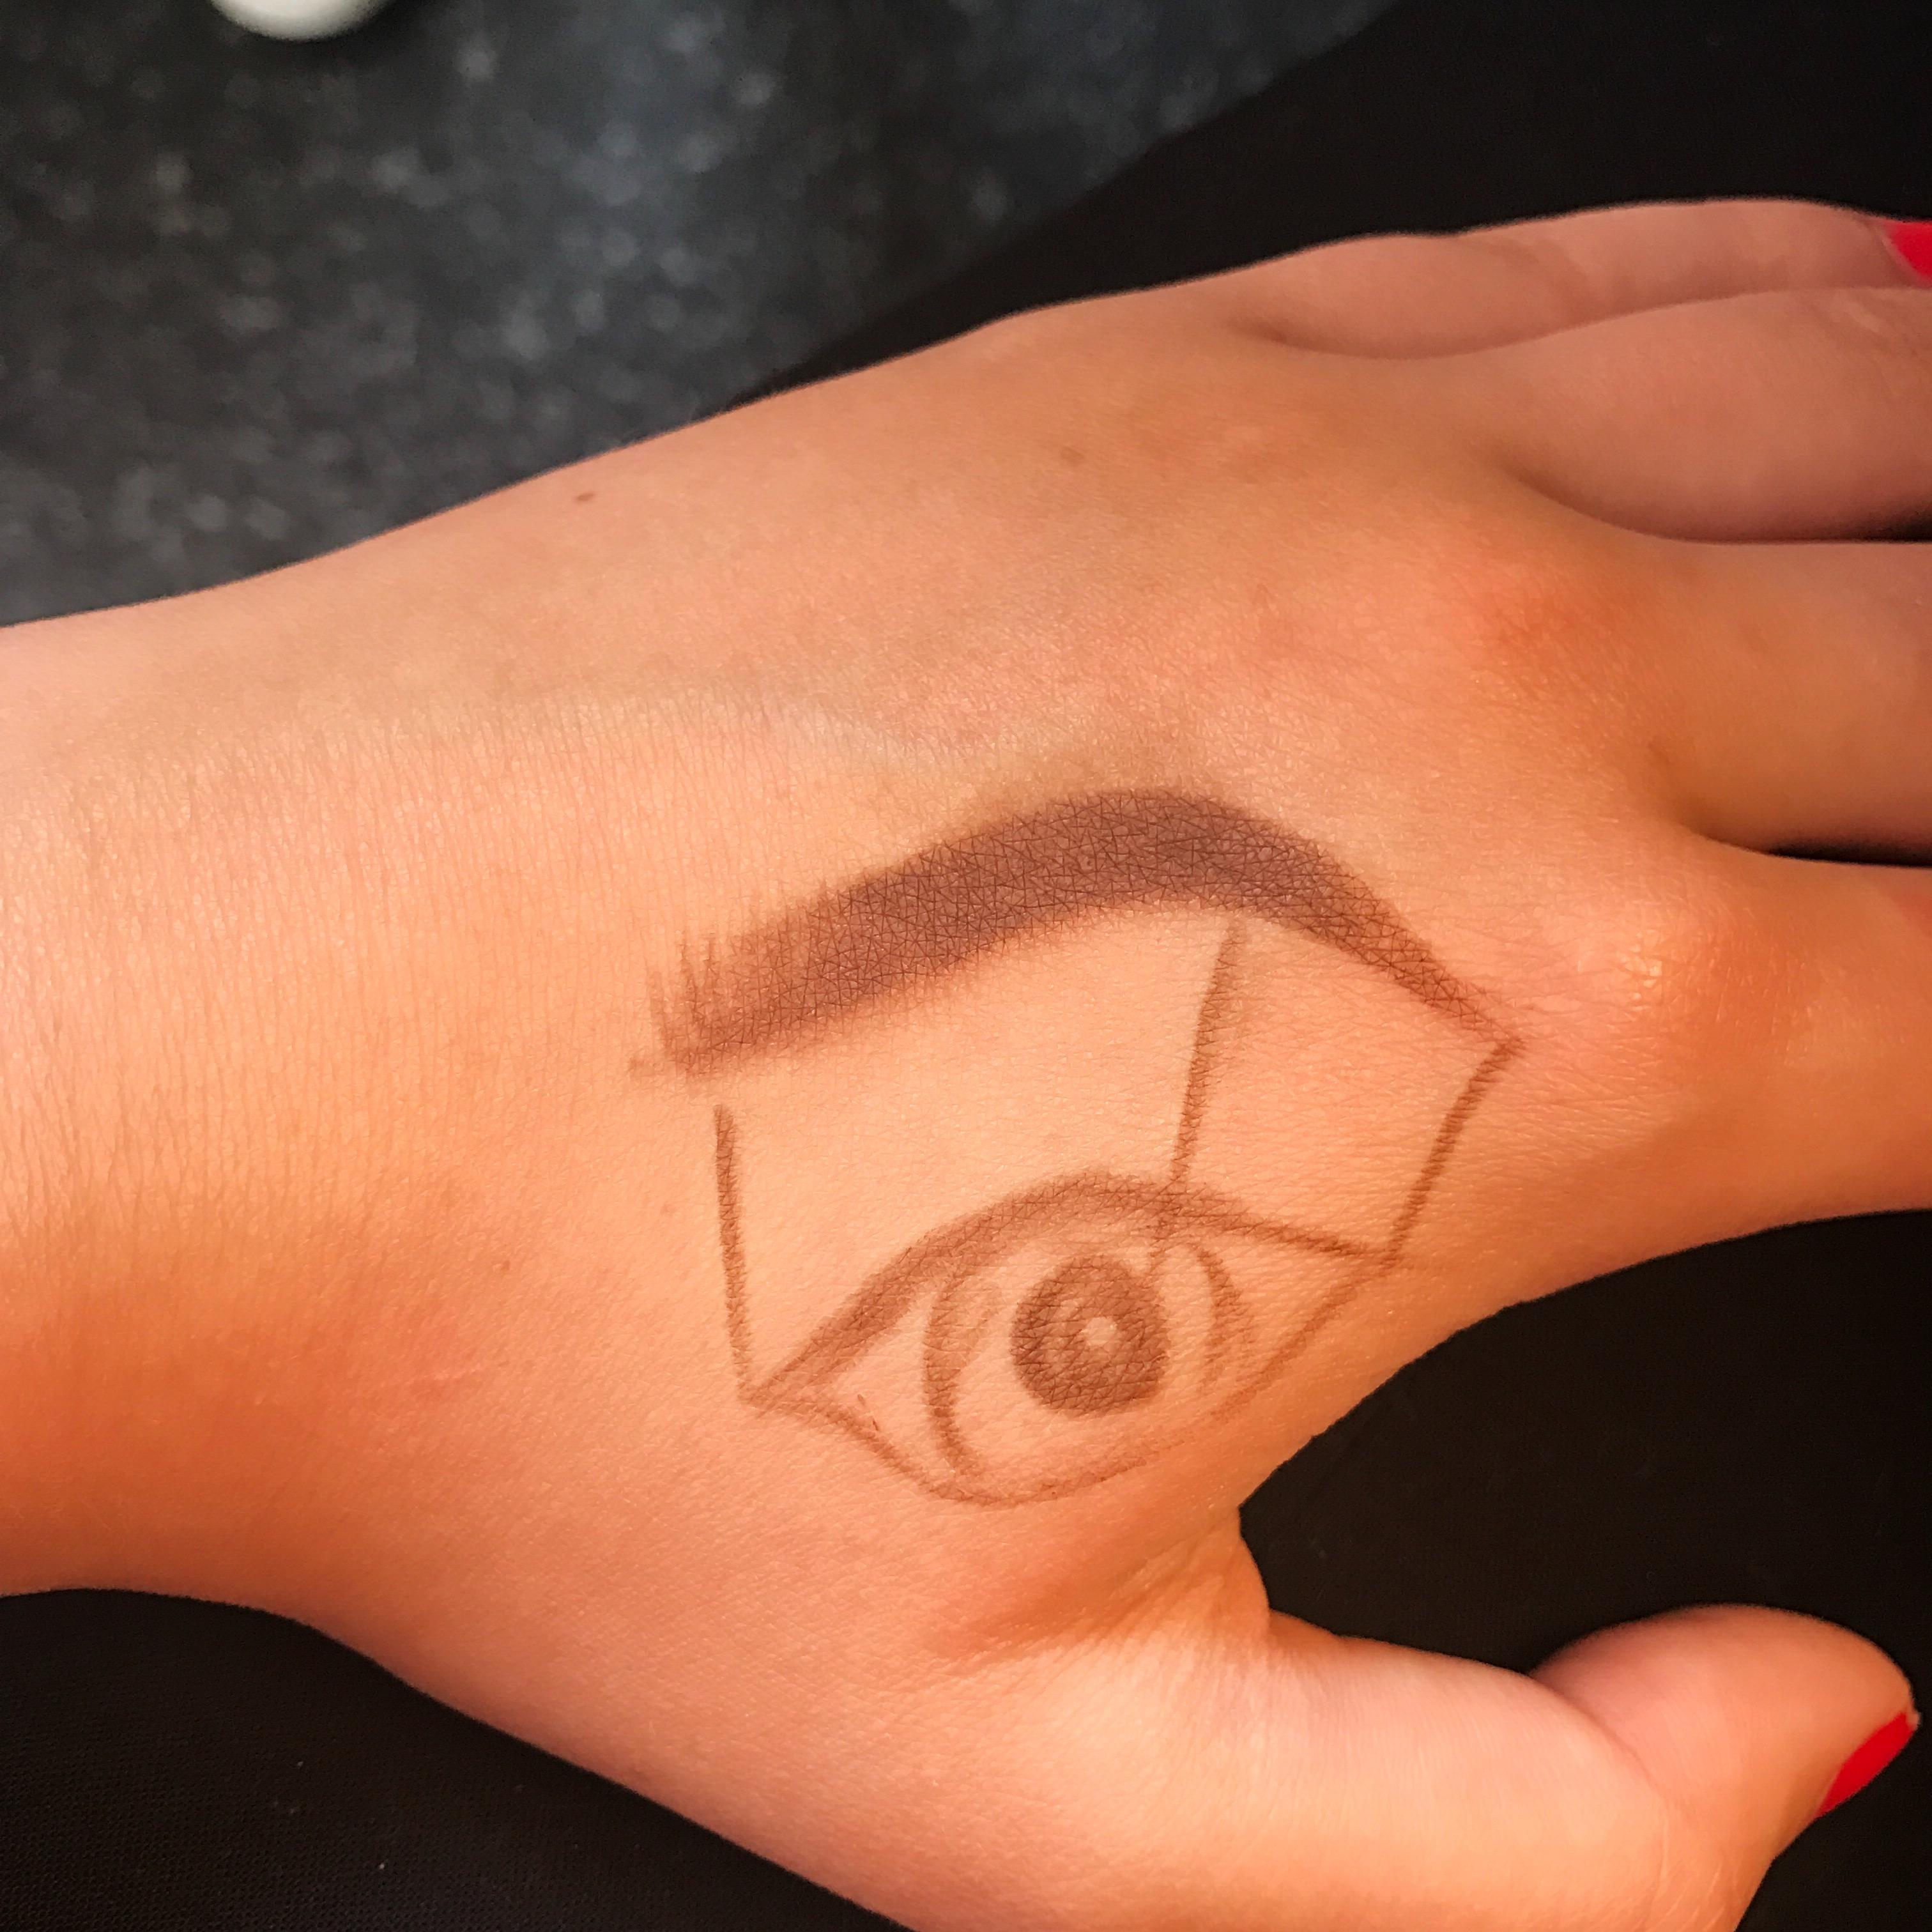 Ögonbrynsmall med öga